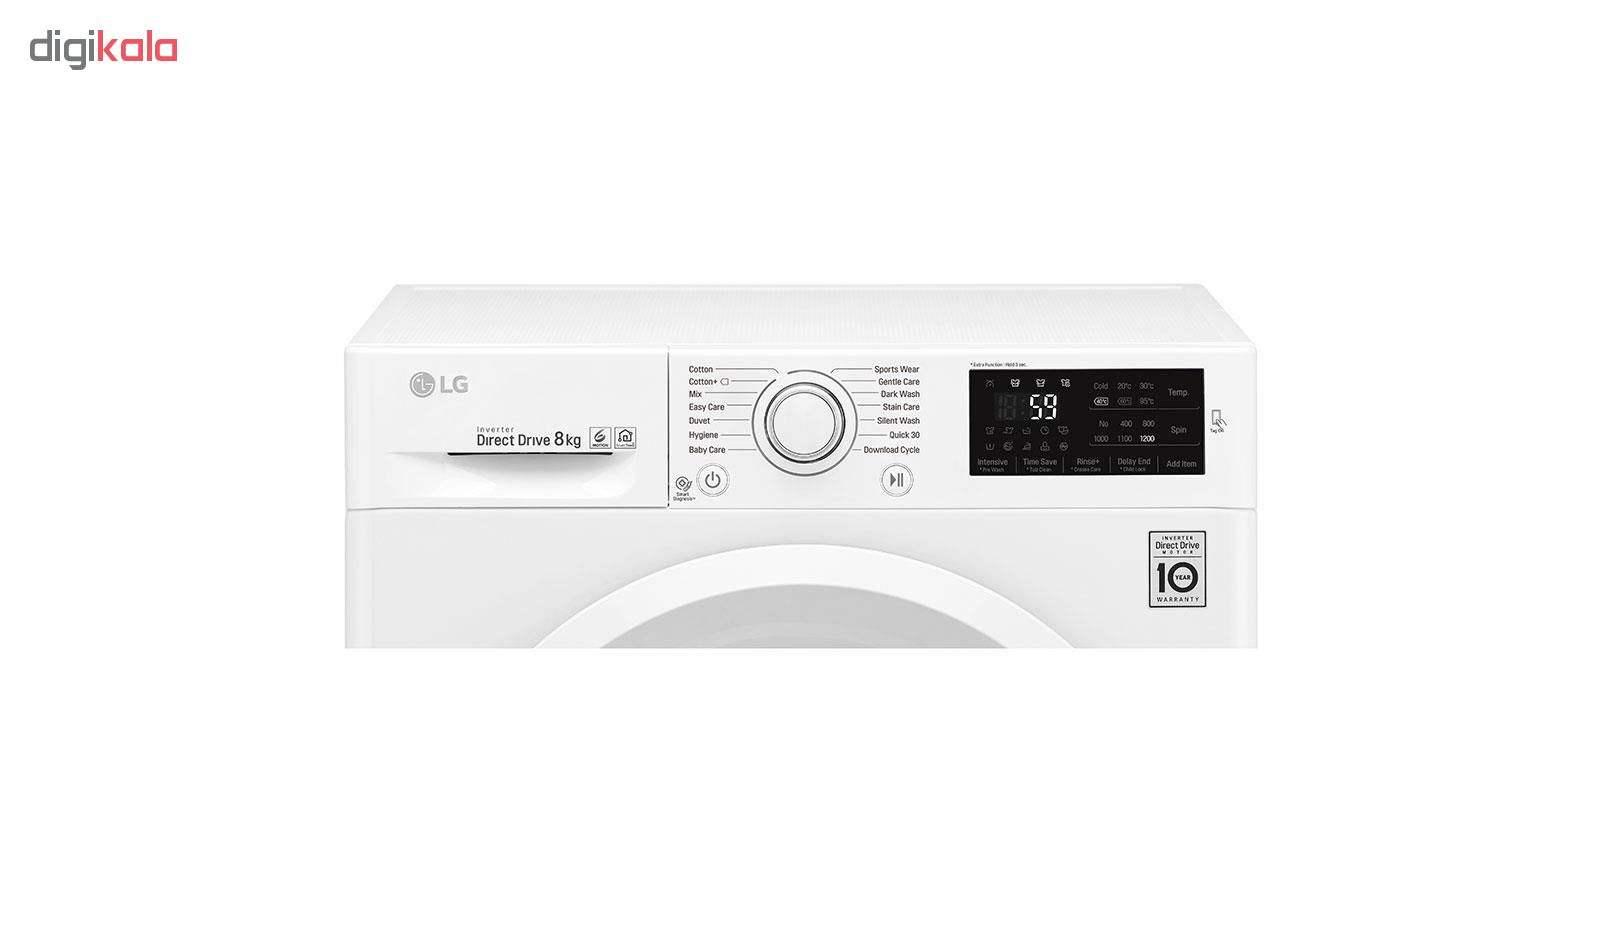 ماشین لباسشویی ال جی مدل WM-821NW ظرفیت 8 کیلوگرم thumb 2